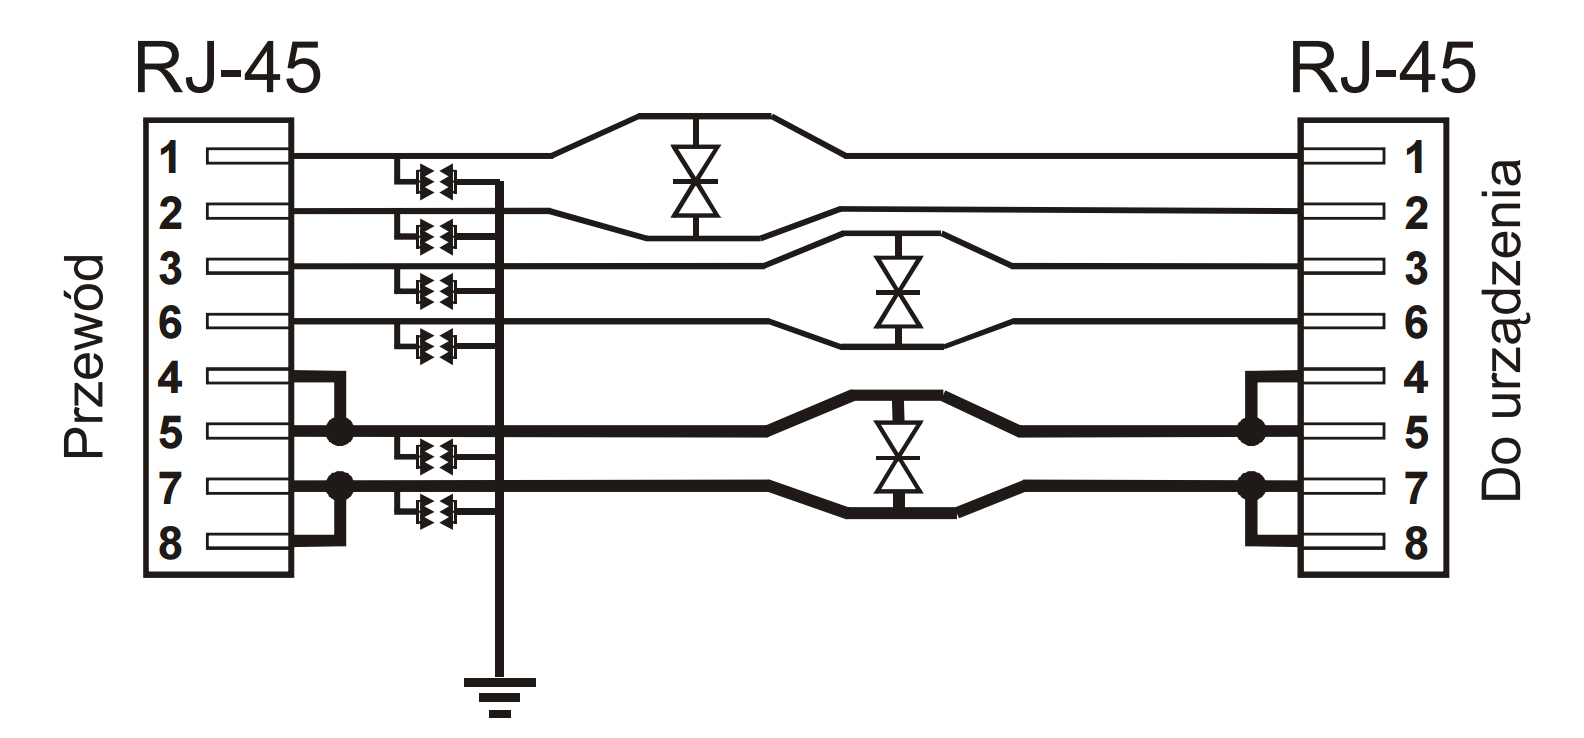 PTF-1-ECO/PoE/DIN- Uproszczony schemat blokowy.